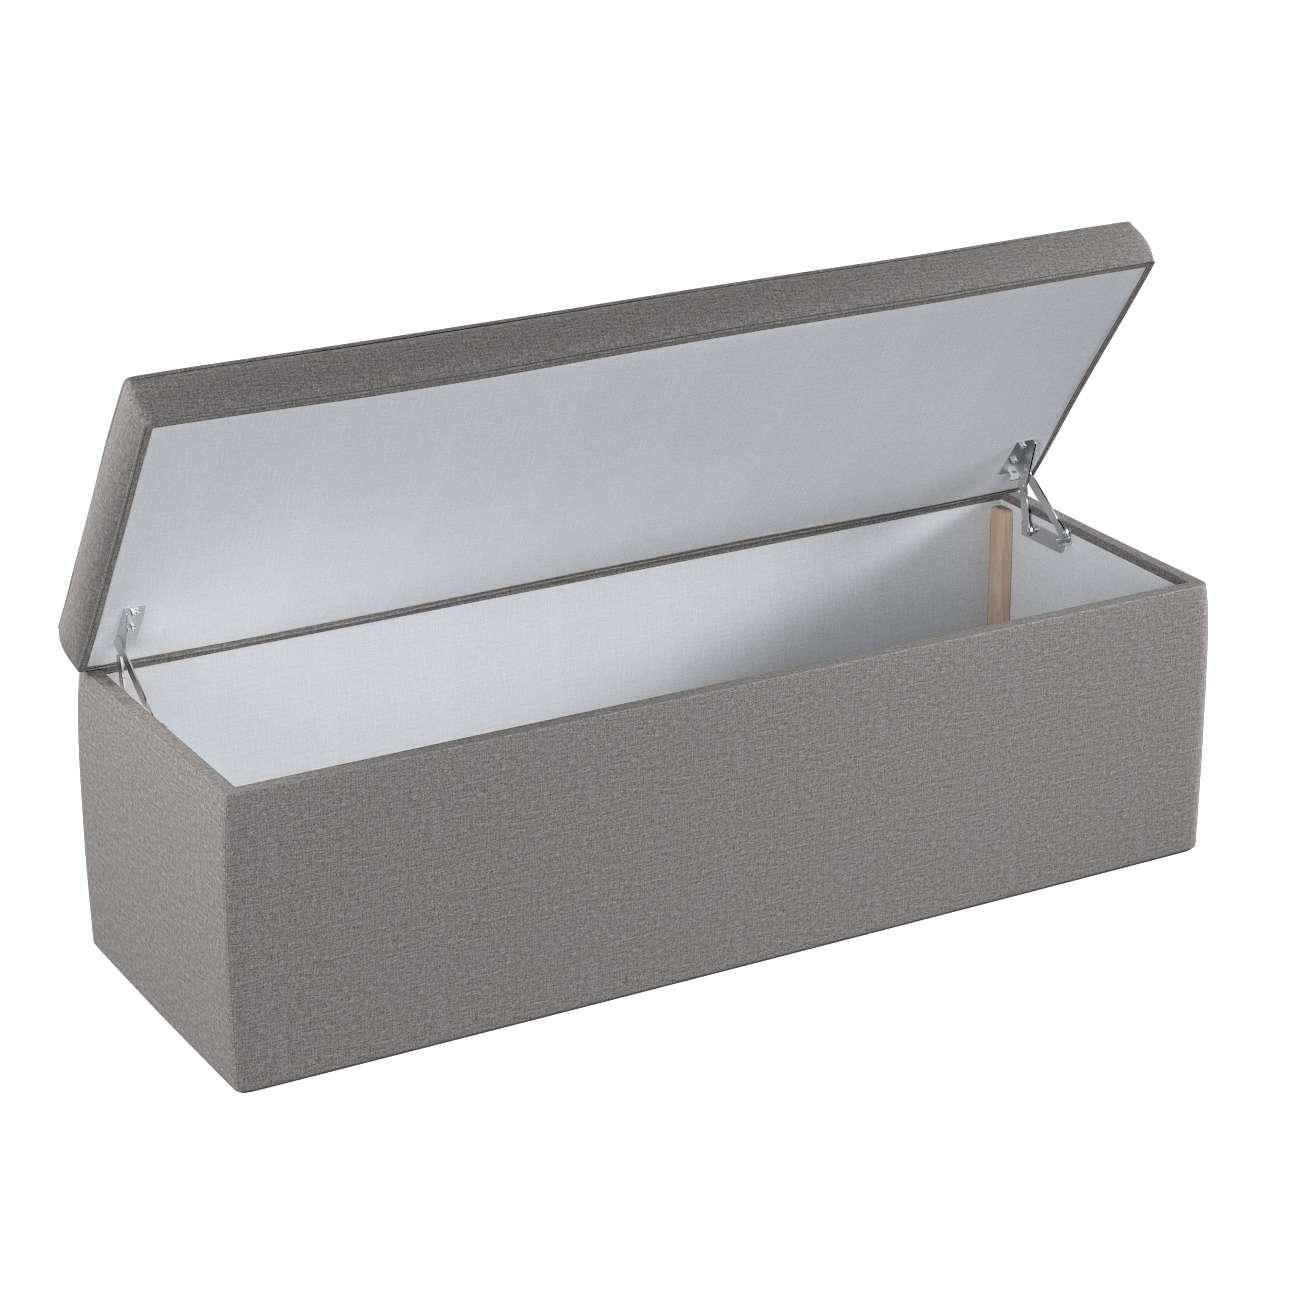 Čalouněná skříň s volbou látky - 2 velikosti v kolekci Edinburgh, látka: 115-81